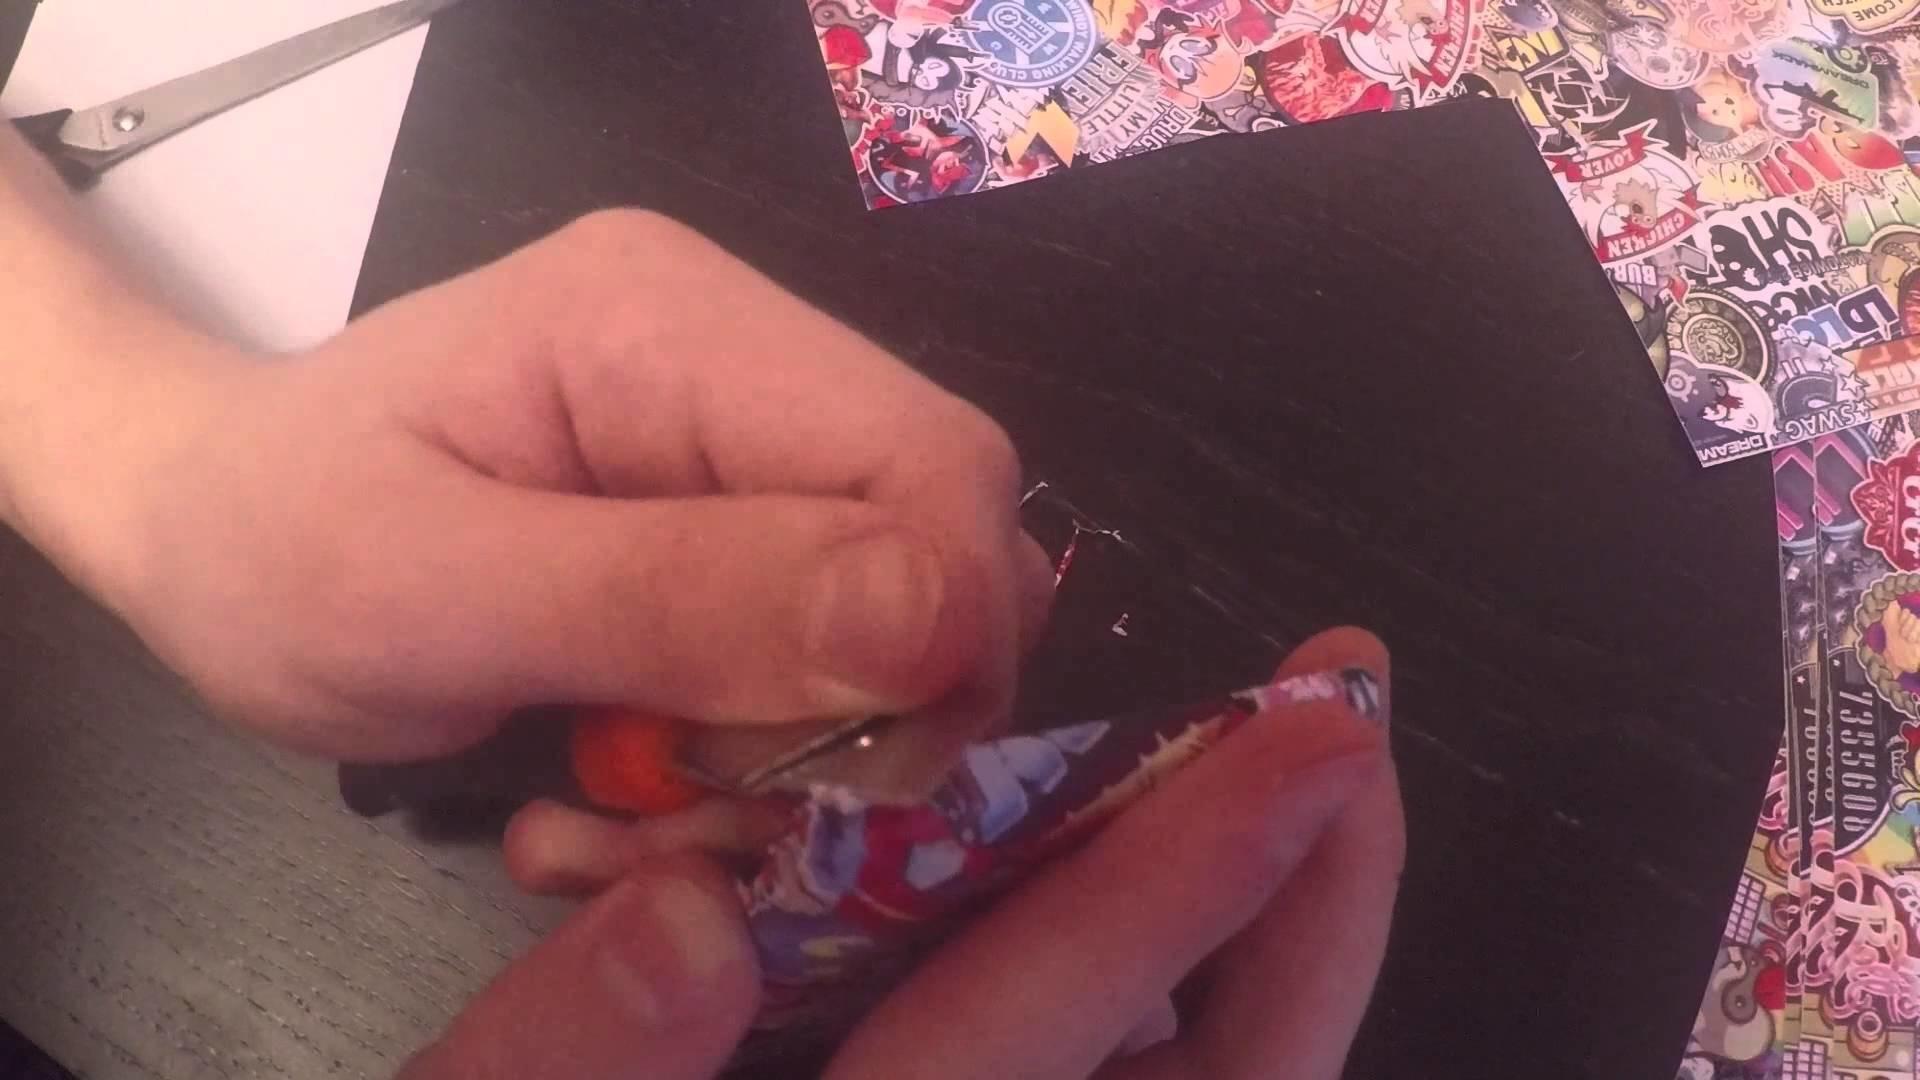 CS GO Phone Sticker Bombing